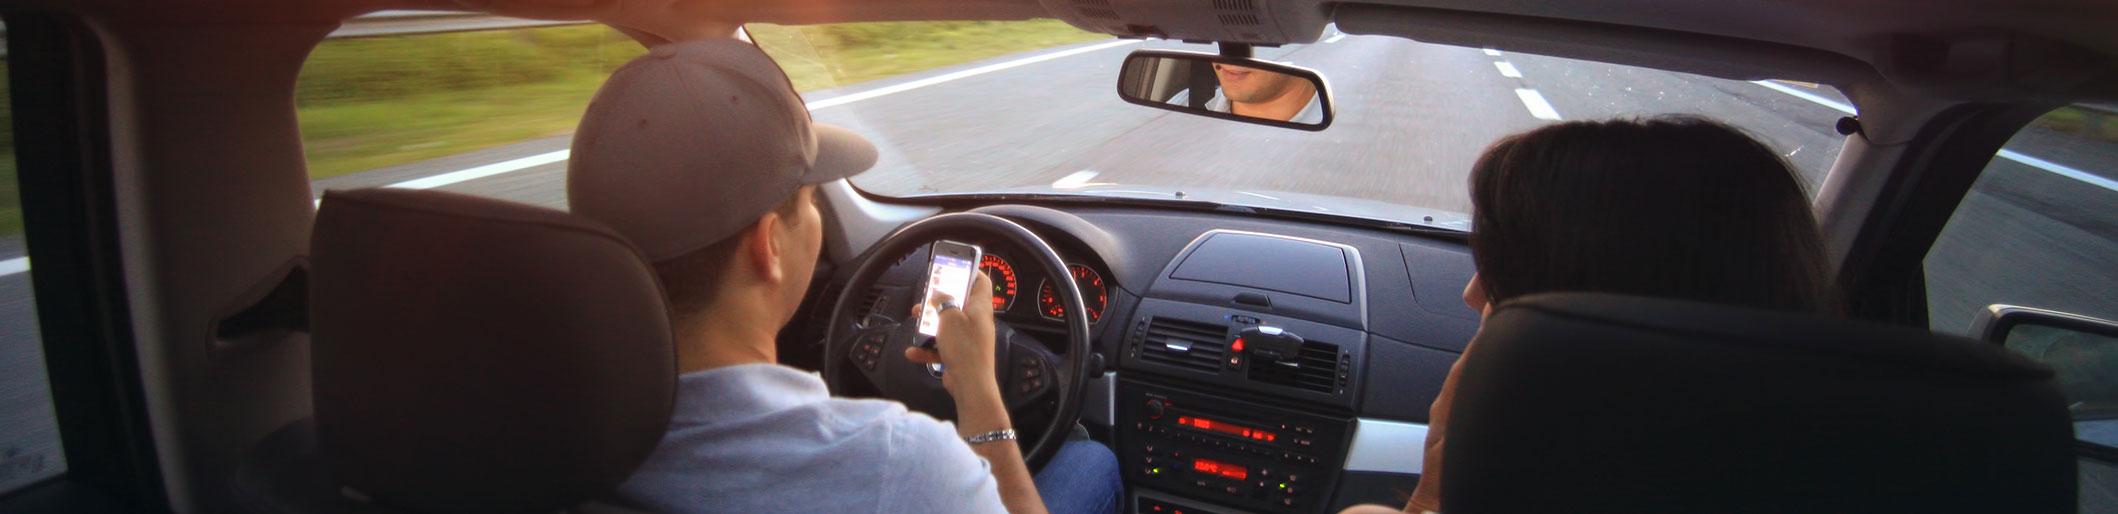 """""""Smartphonegebruik in de auto harder aanpakken""""   LetselPro"""